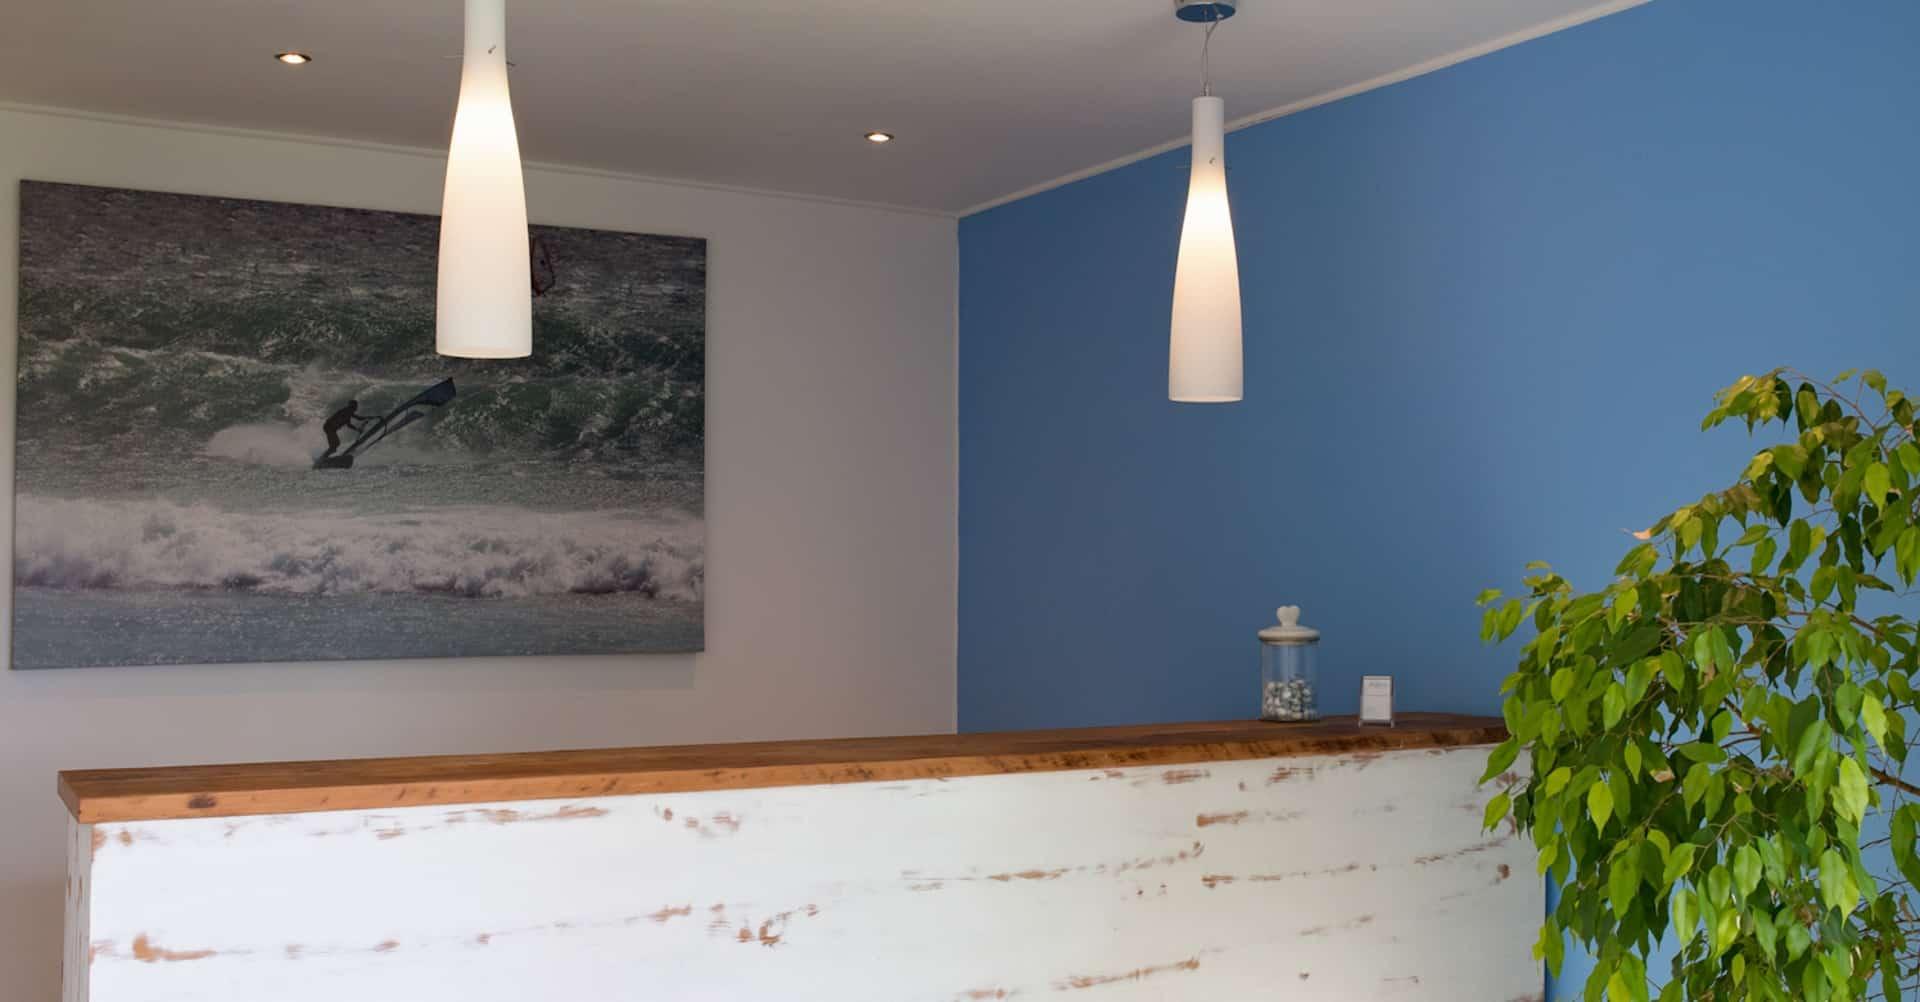 Empfangstresen für Appartements des da heim Guesthouse in Kapstadt